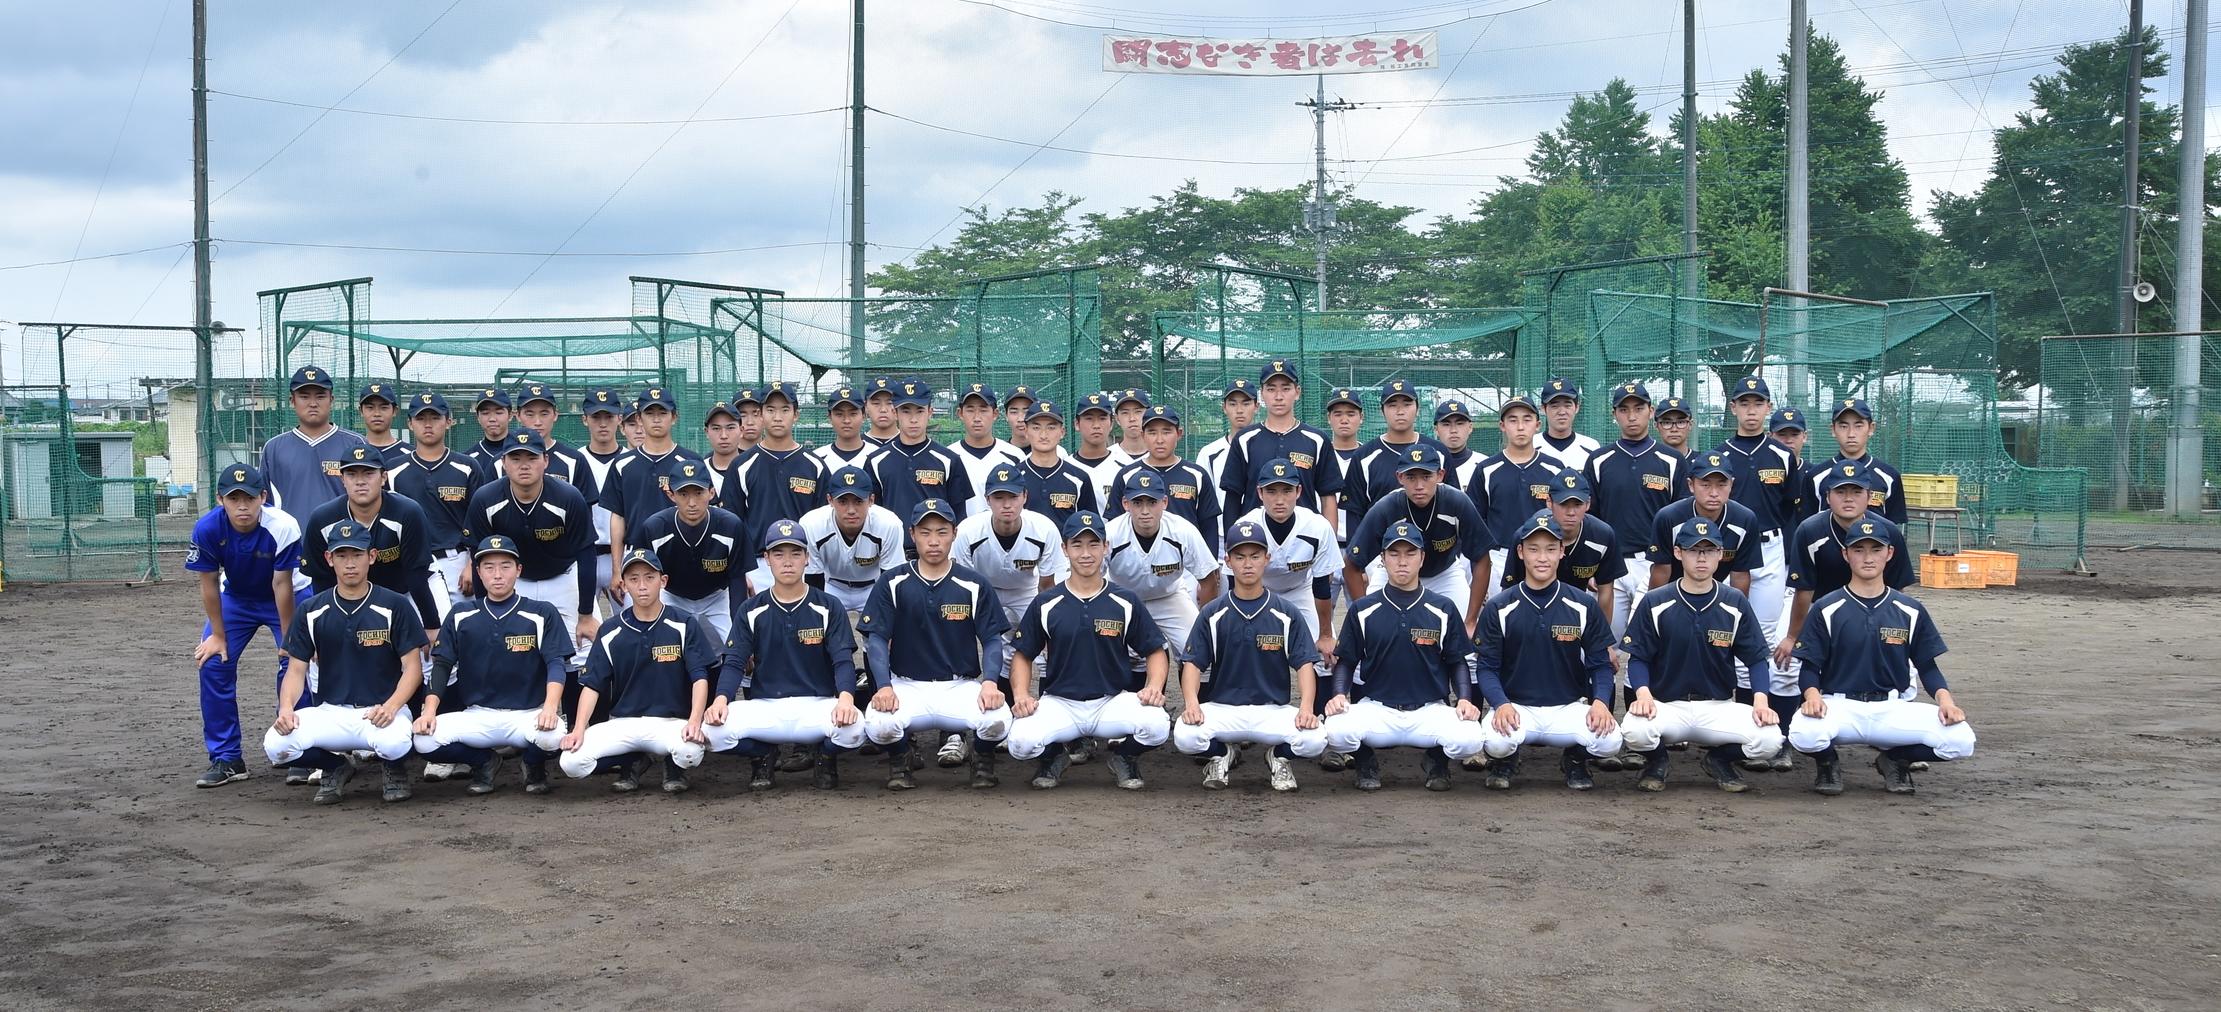 【栃木工 野球部】「勝つ!勝つ!勝つ!」#栃木工